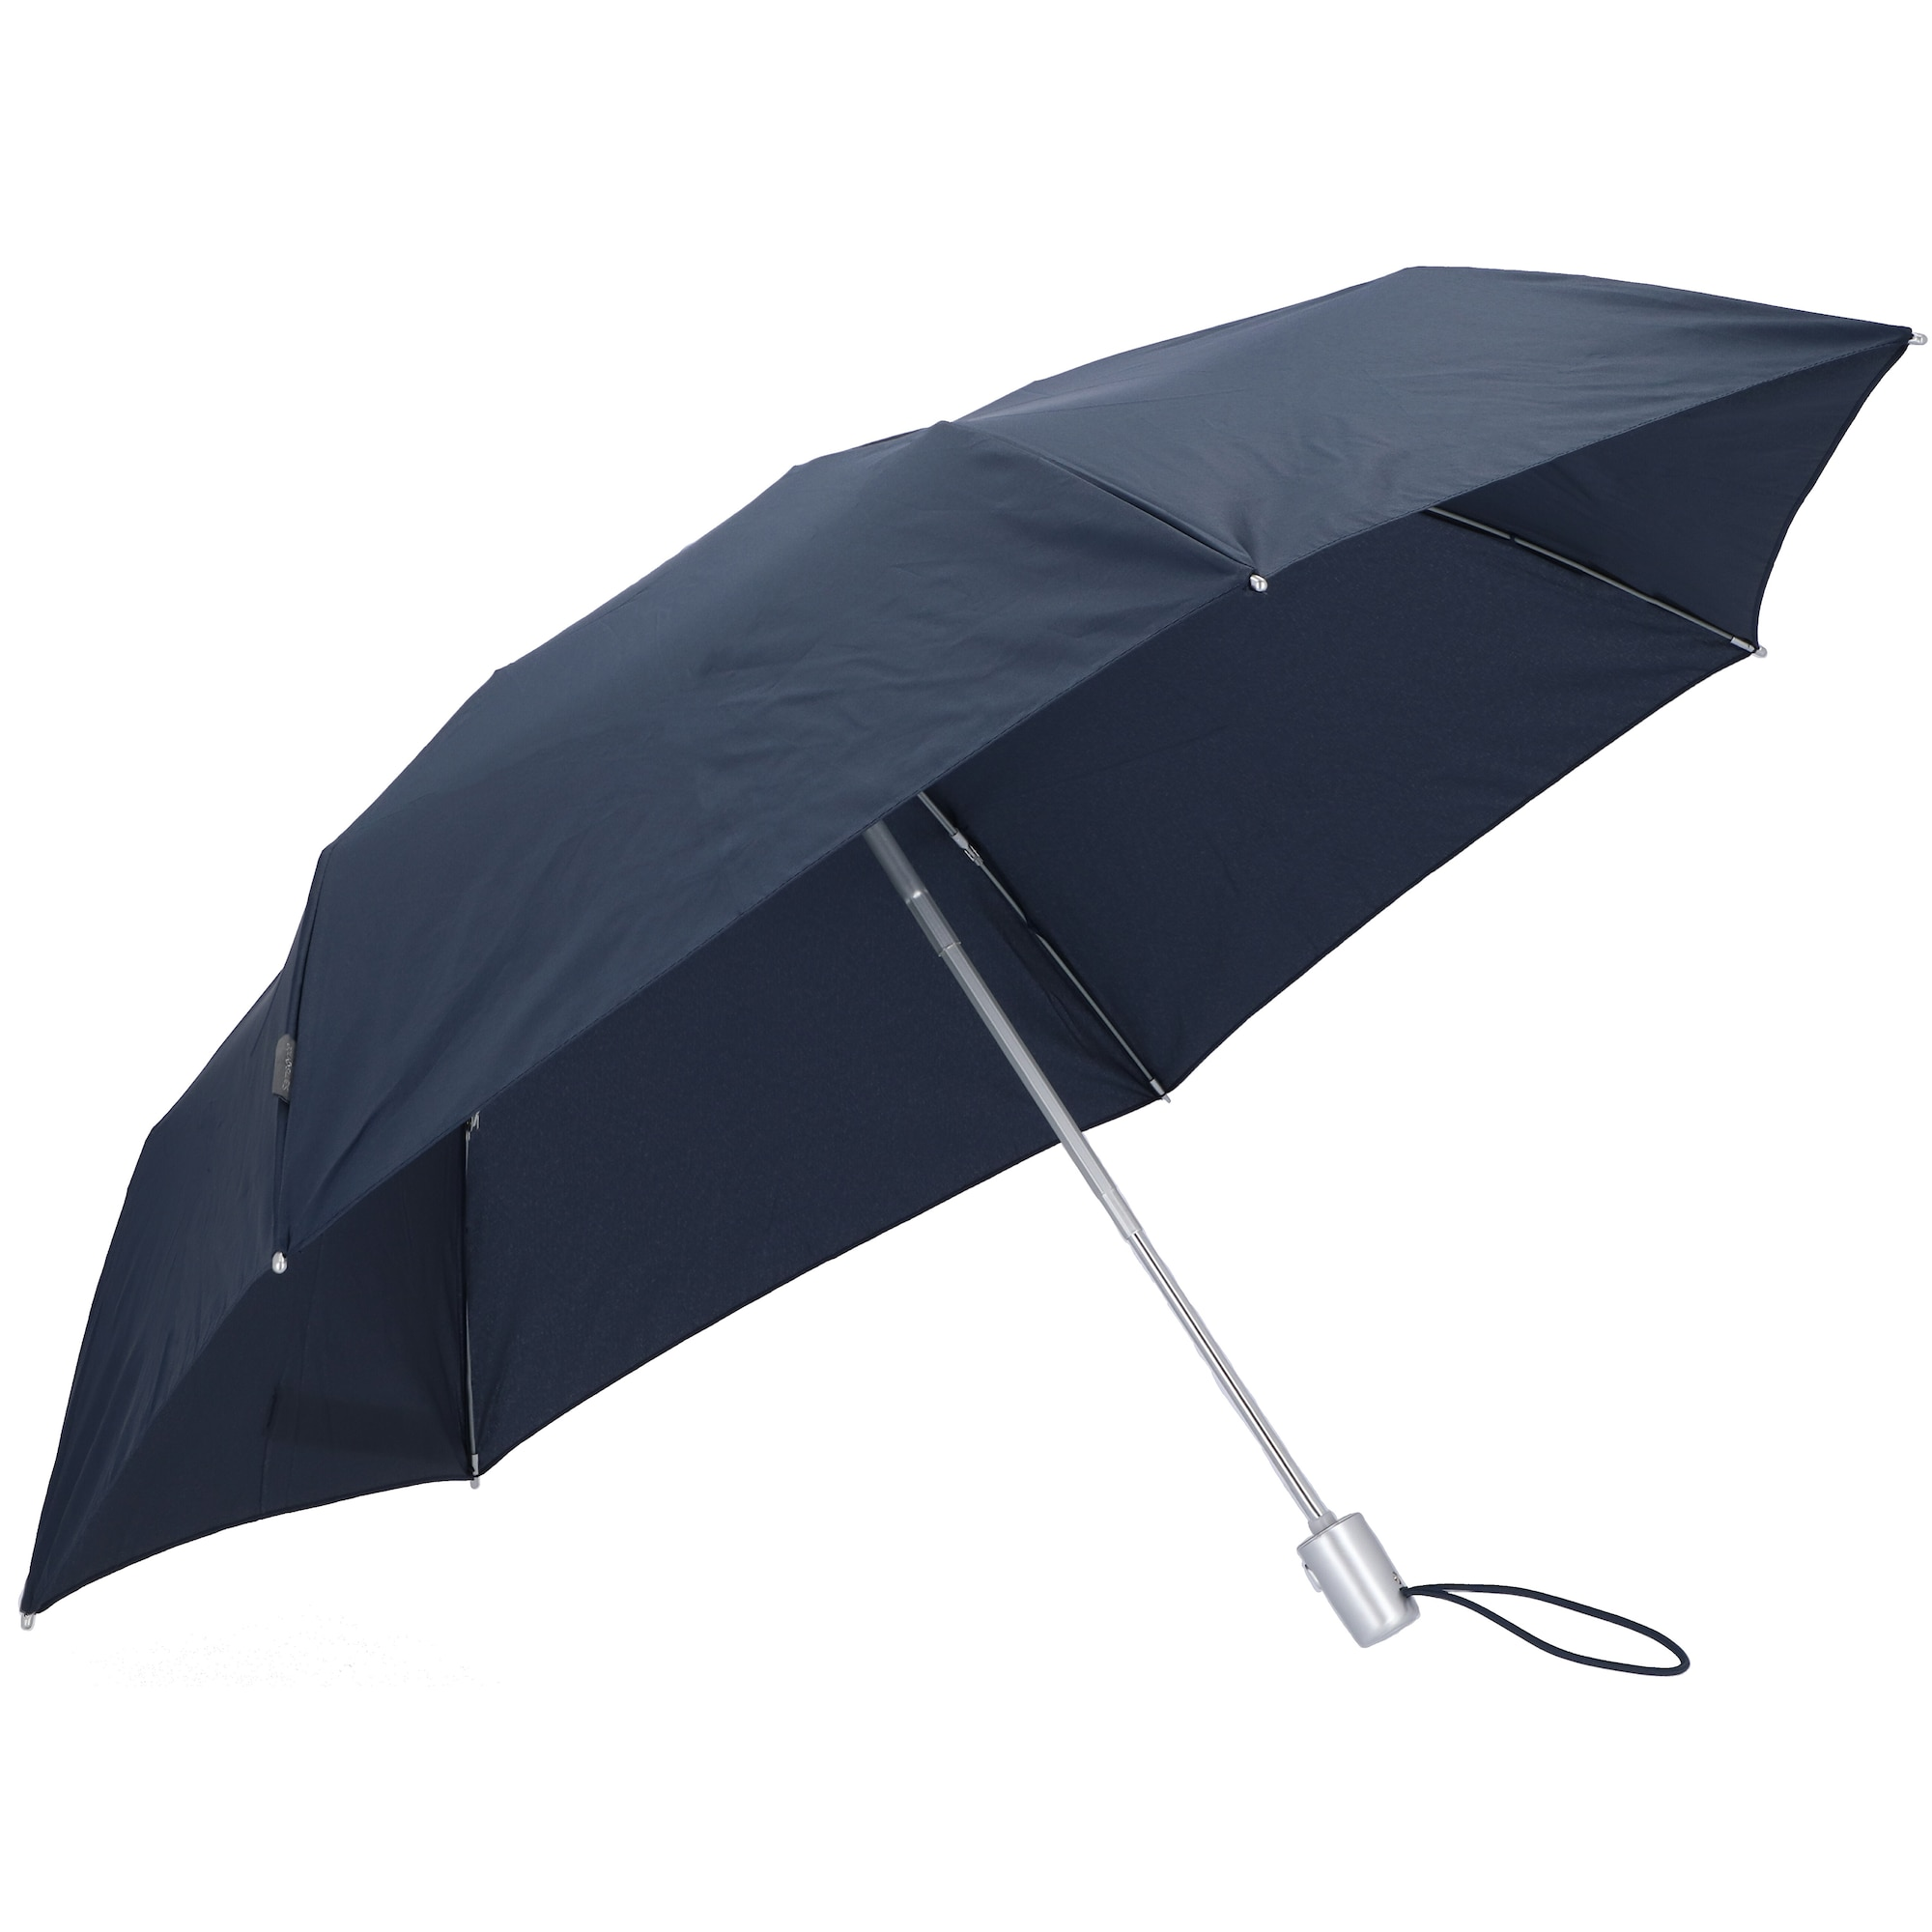 Taschenschirm 'Alu Drop S' | Accessoires > Regenschirme > Taschenschirme | Samsonite